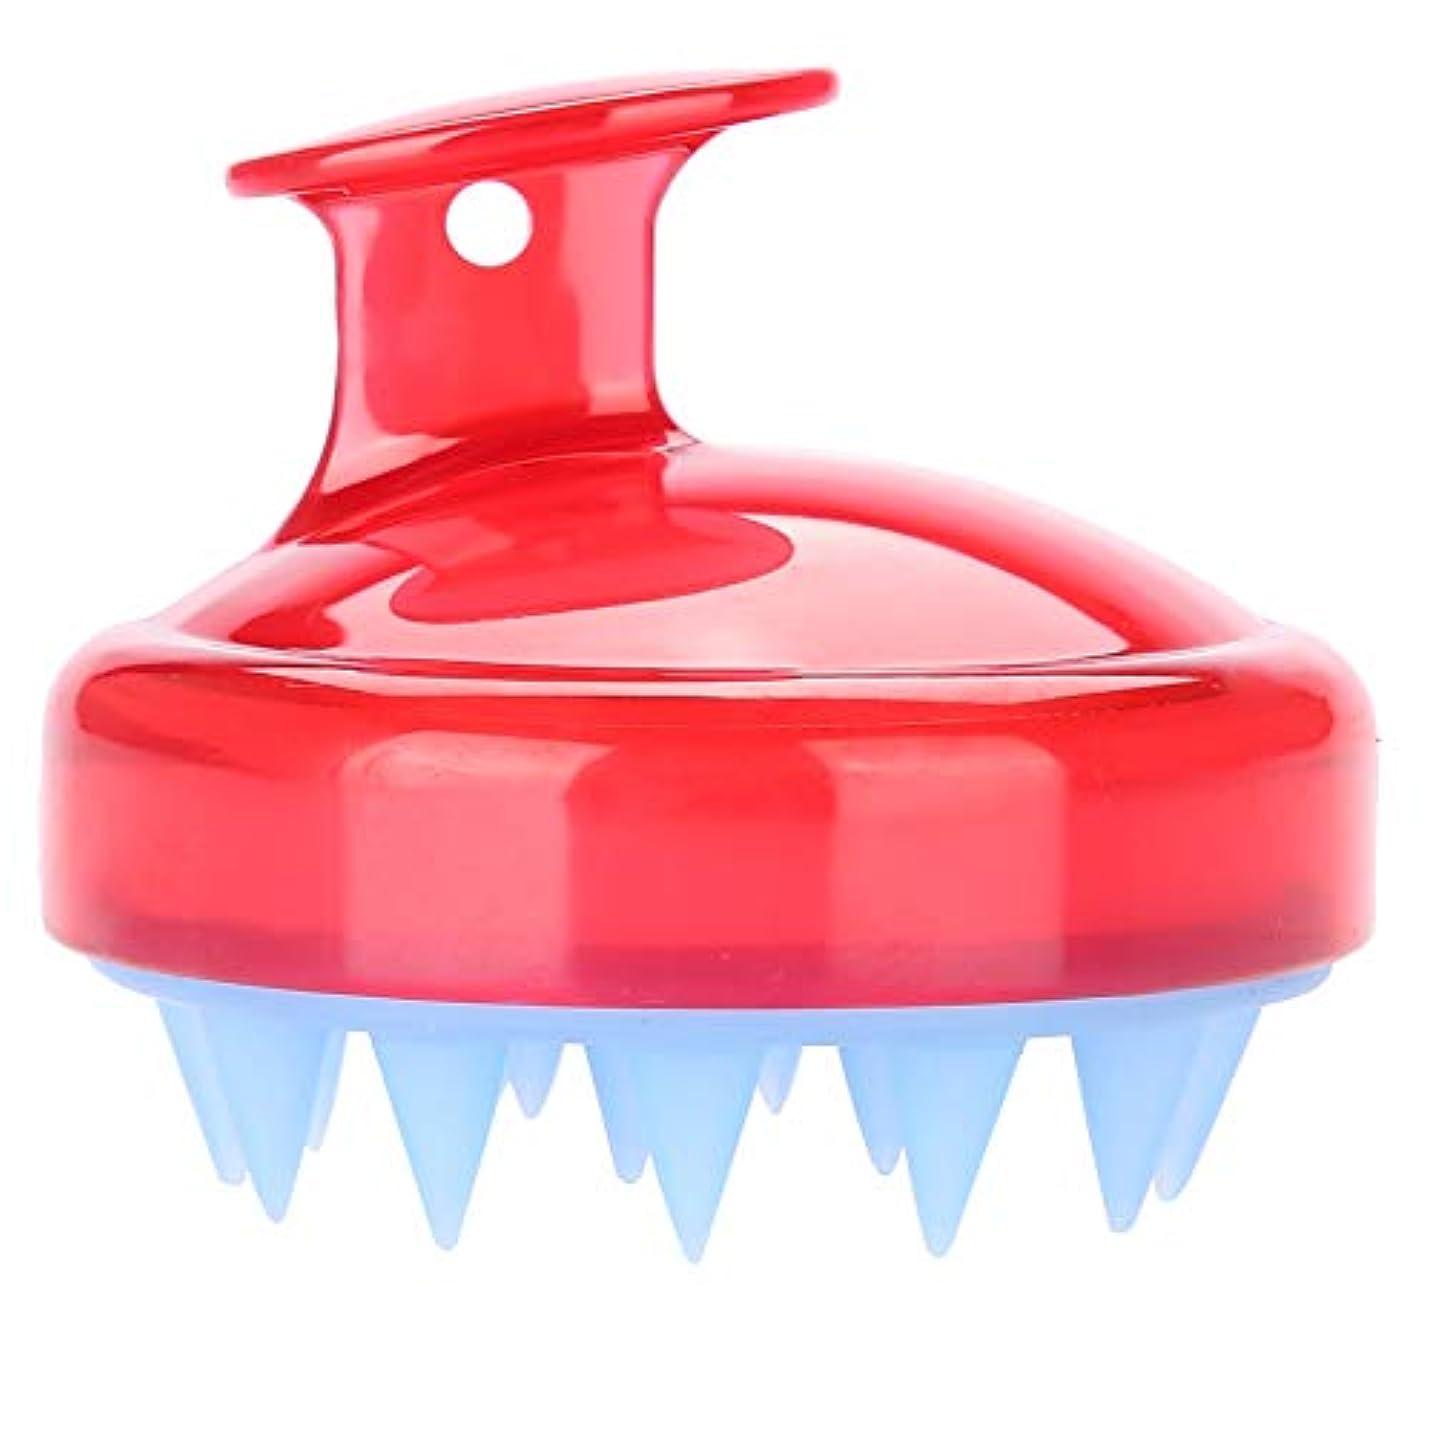 不安モーター邪魔5色マッサージャーヘッド - スカルプマッサージャー、マッサージャーブラシヘッドシャンプー - ボディ洗浄マッサージャーのためのシャワーブラシ(赤)